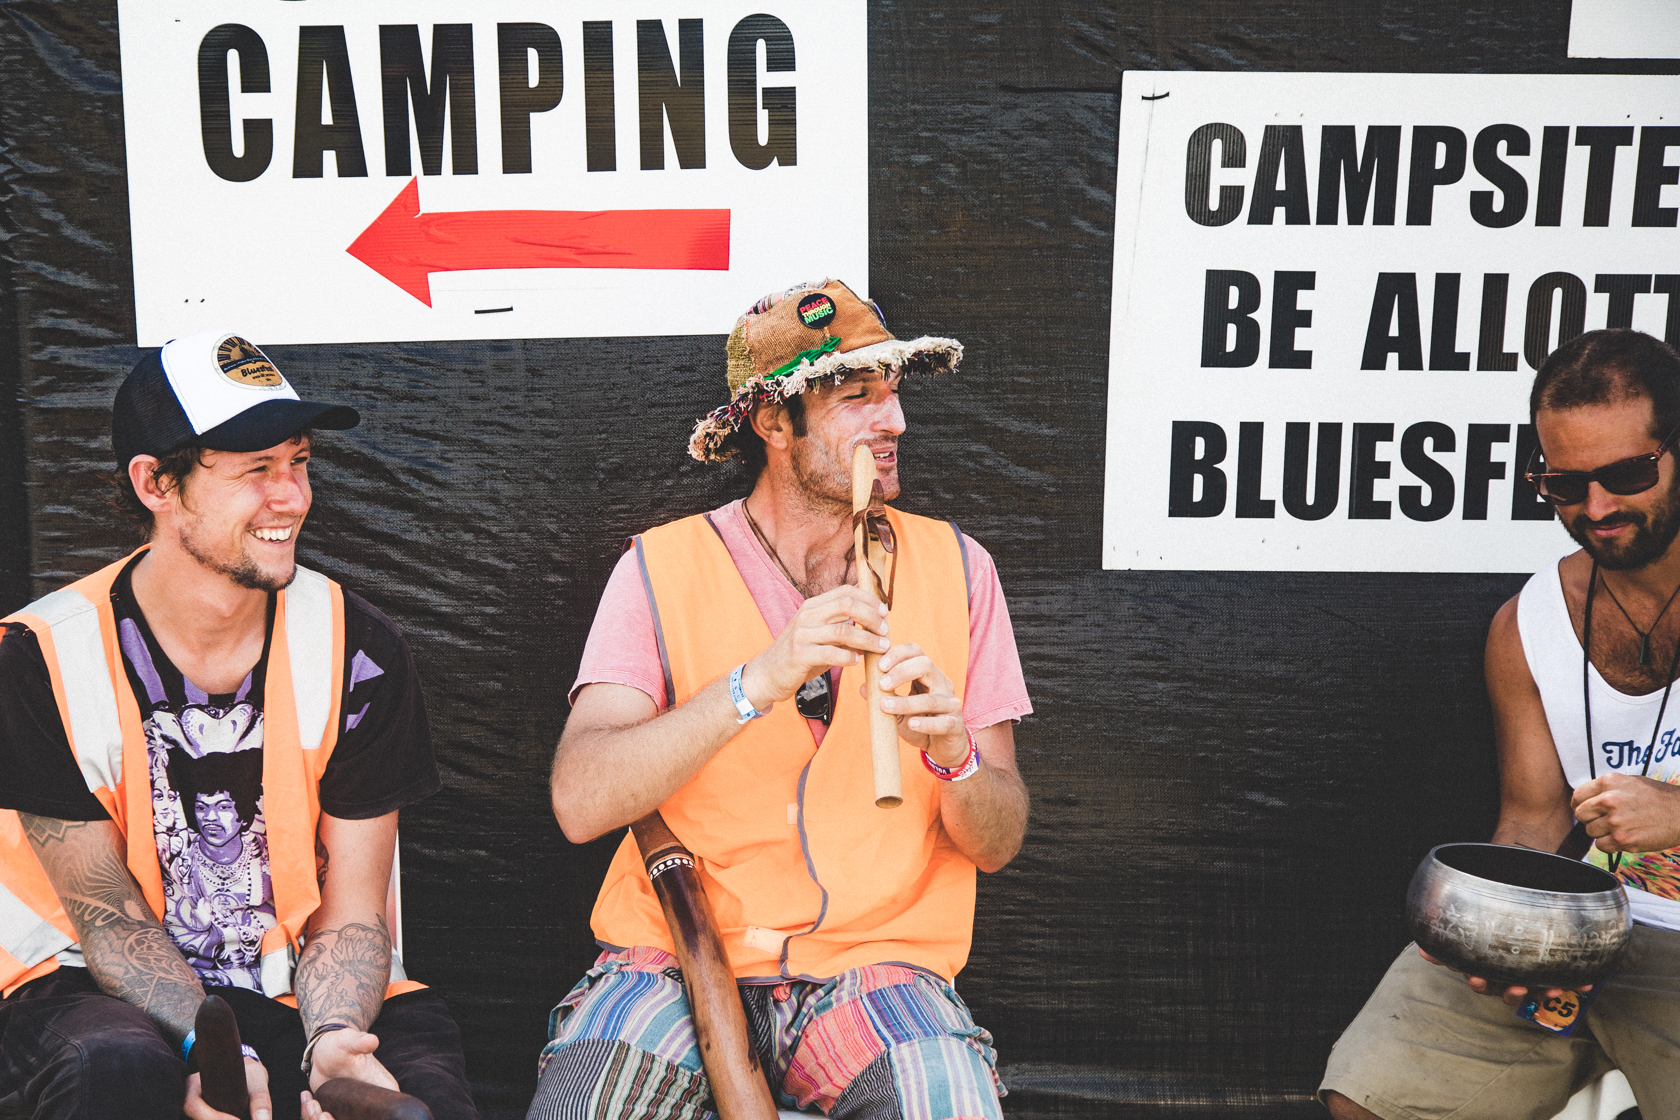 Bluesfest05 - rcstills.com-2.jpg